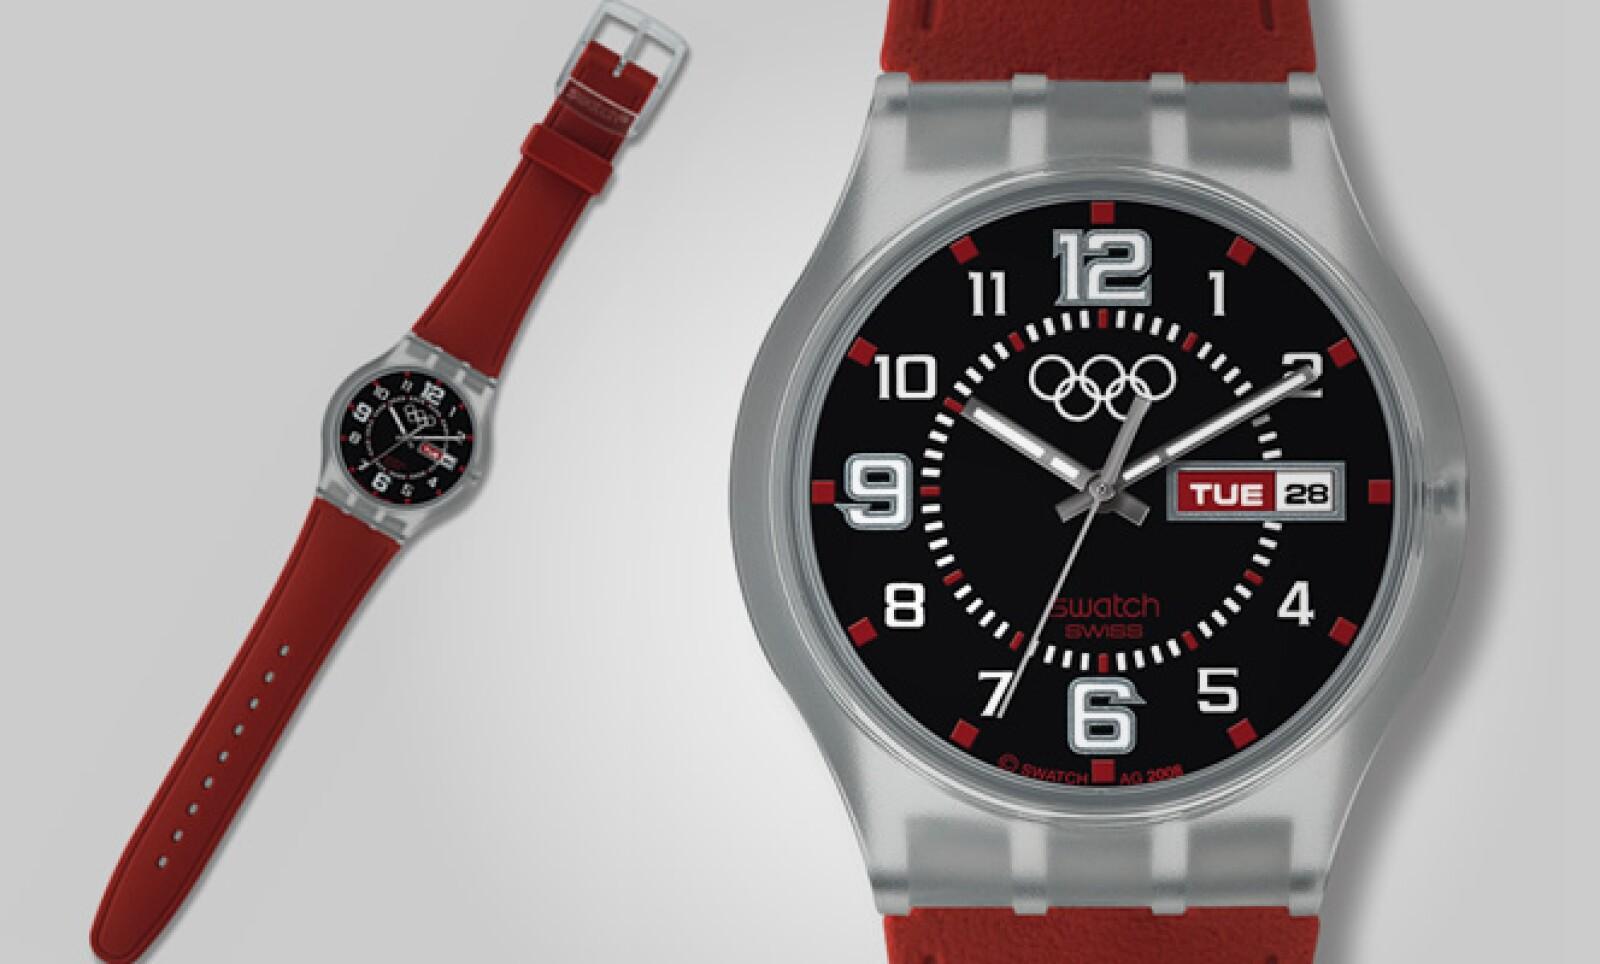 Este modelo es uno de los más reconocidos en la historia de Swatch por su combinación de colores.